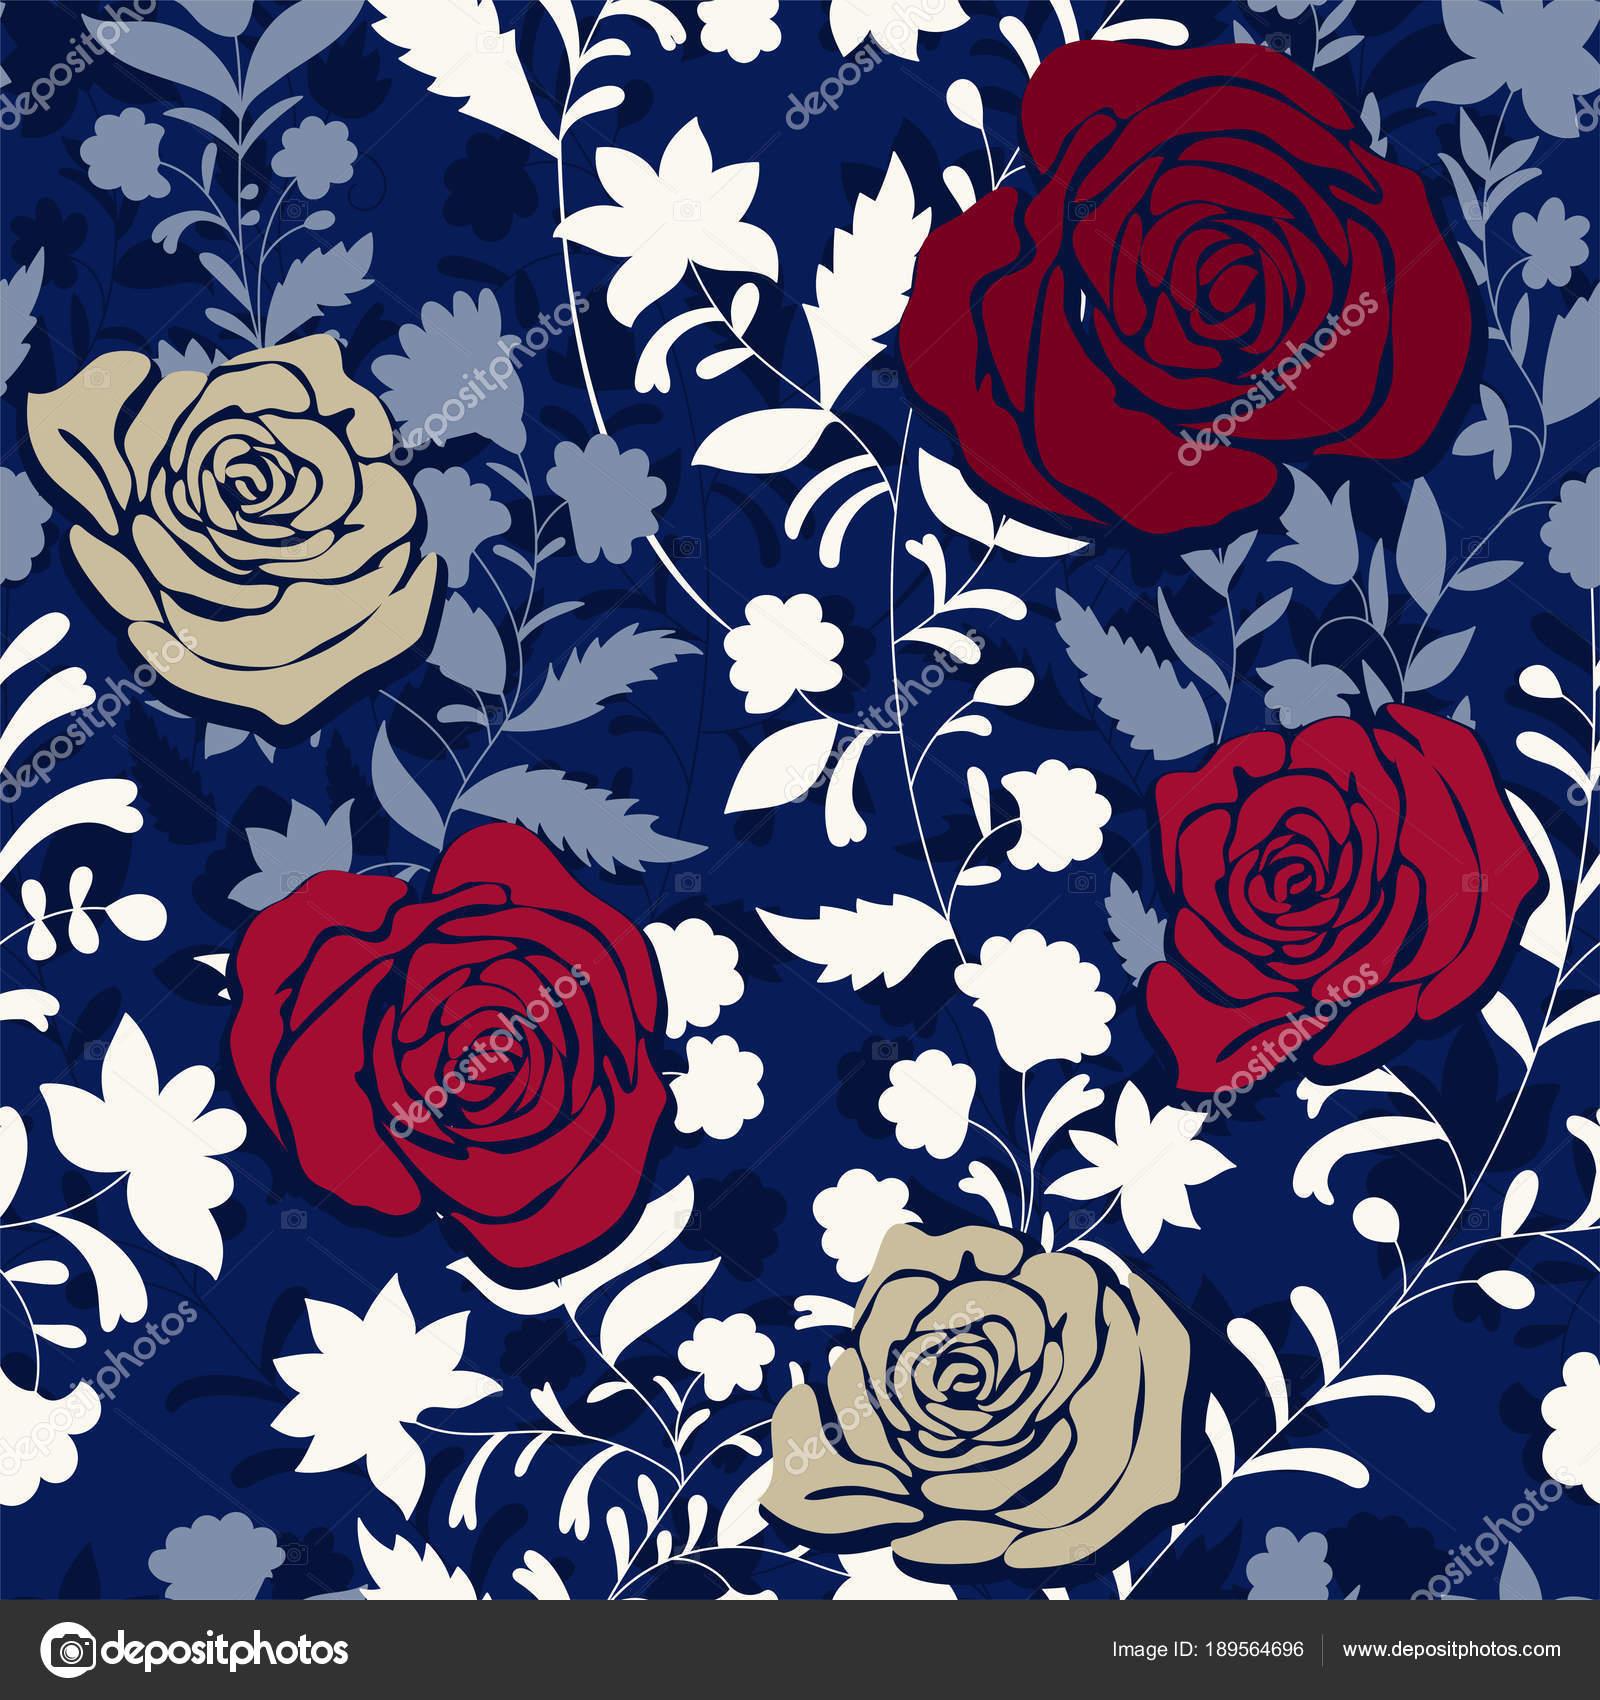 Fondos Vintage Para Iphone Patron De Colores Con Rosas Flores